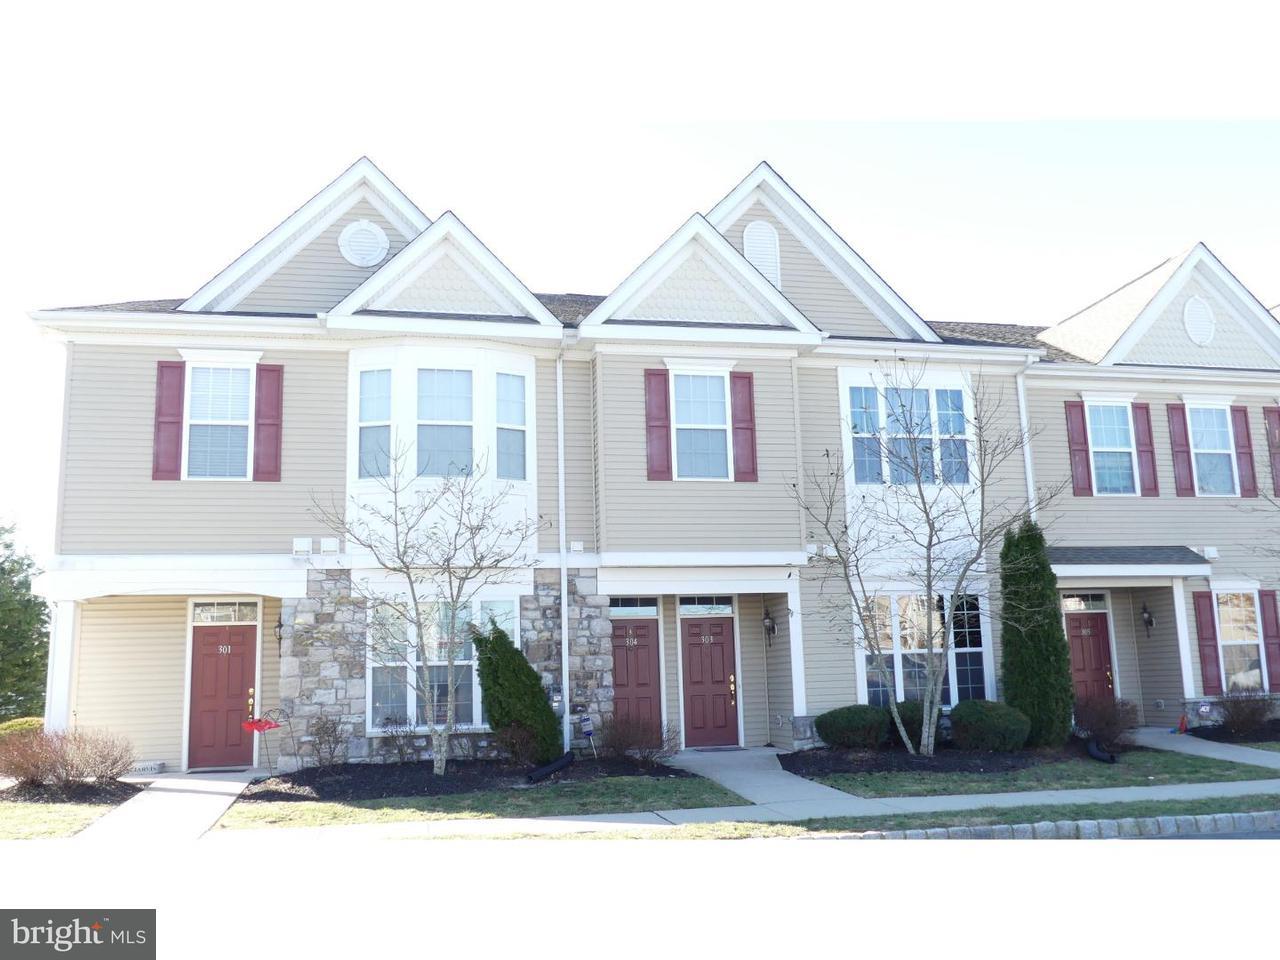 独户住宅 为 出租 在 303 RAPHAEL Court Williamstown, 新泽西州 08094 美国在/周边: Monroe Township